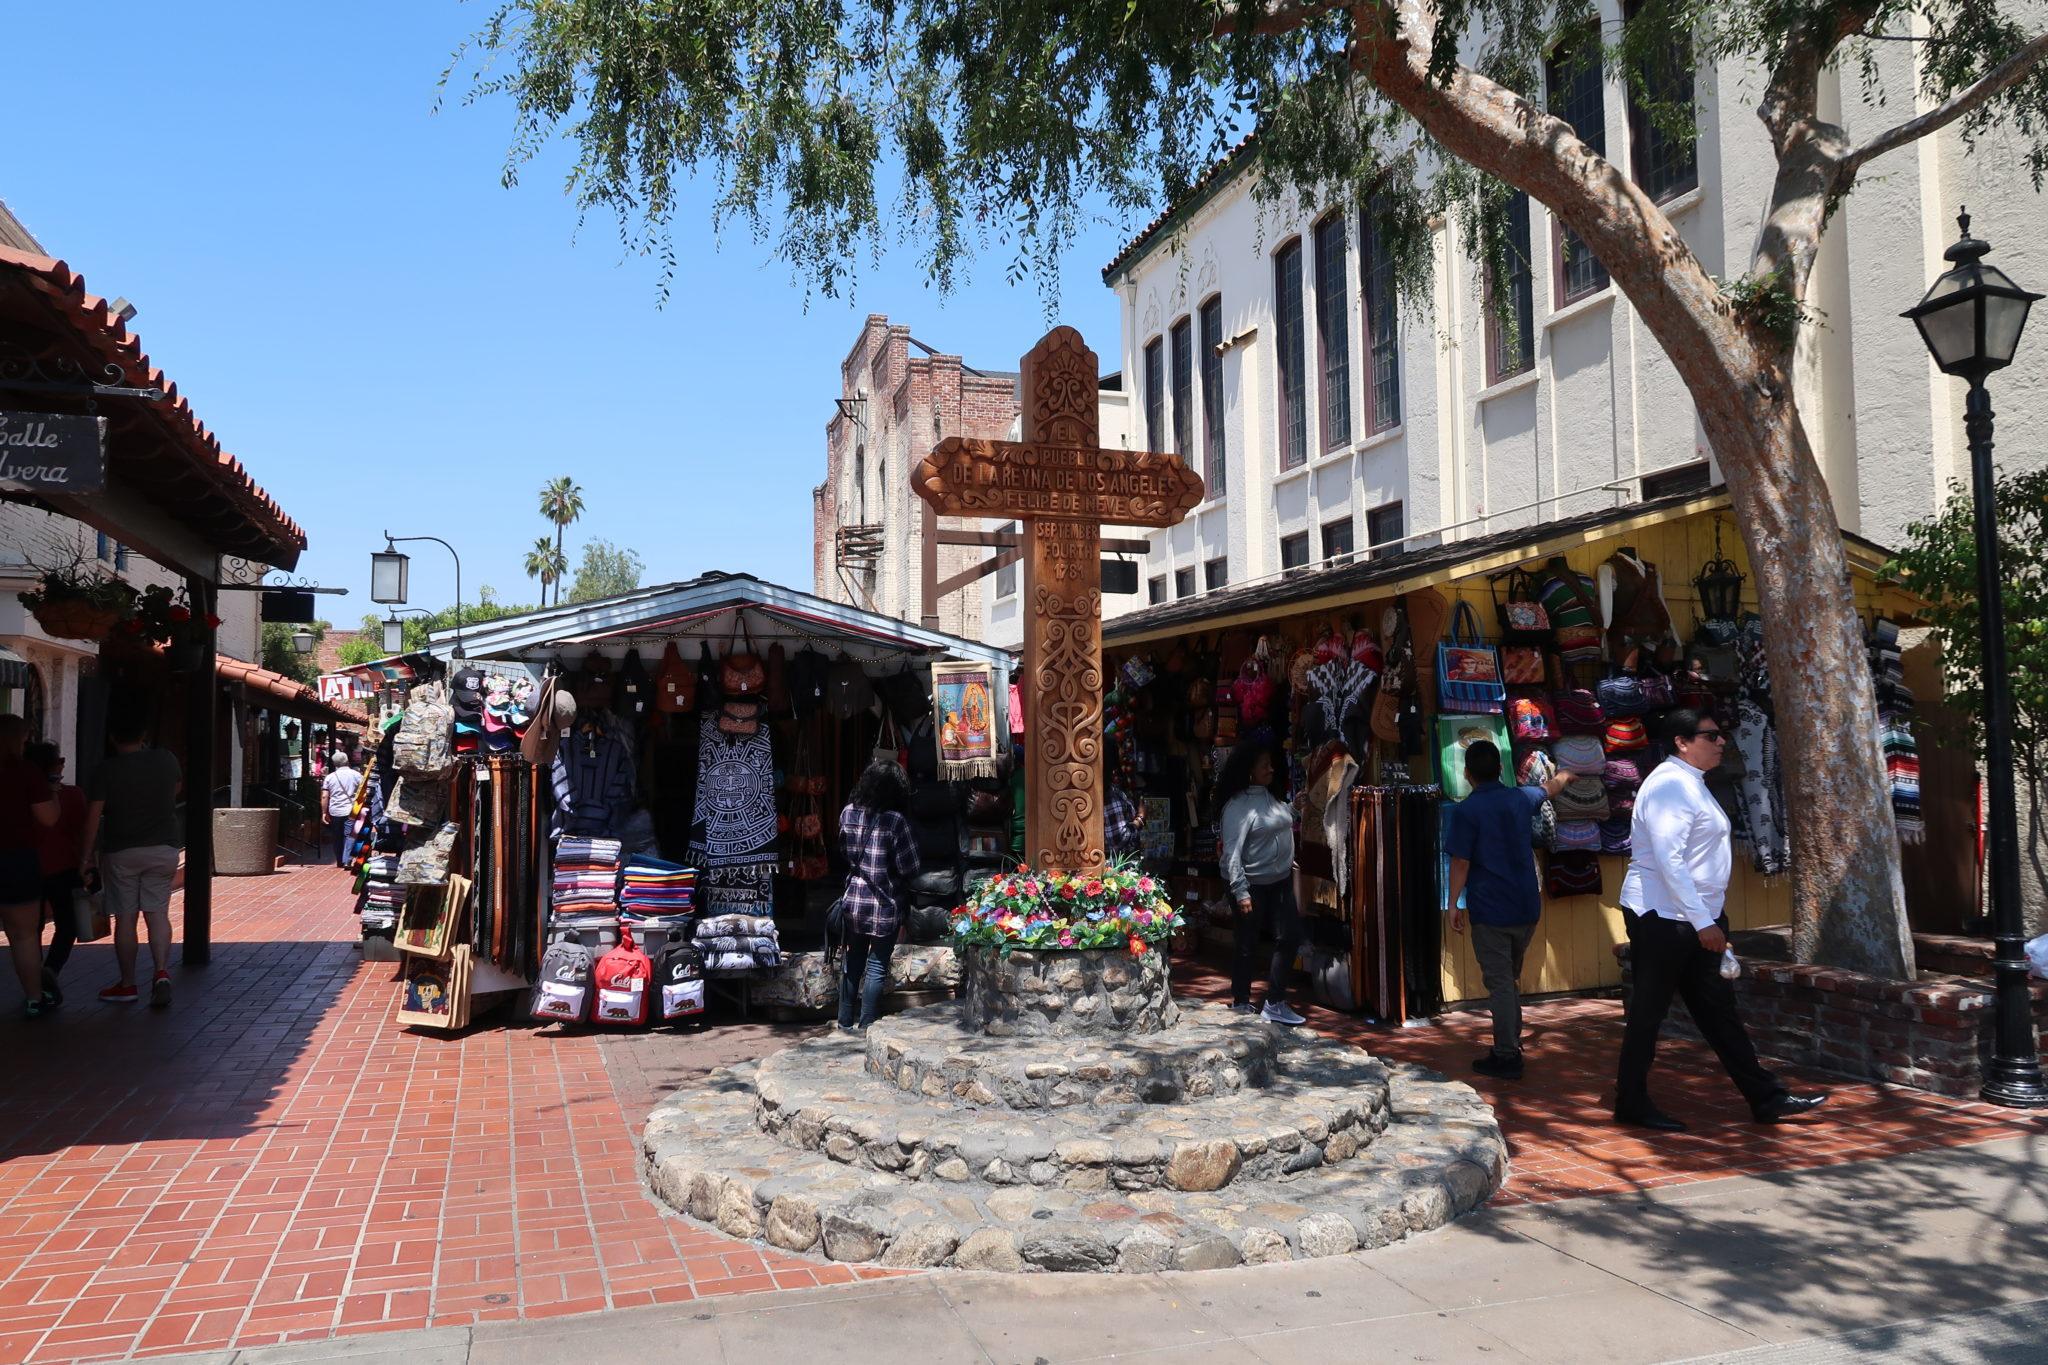 quartier-mexicain-el-pueblo-los-angeles